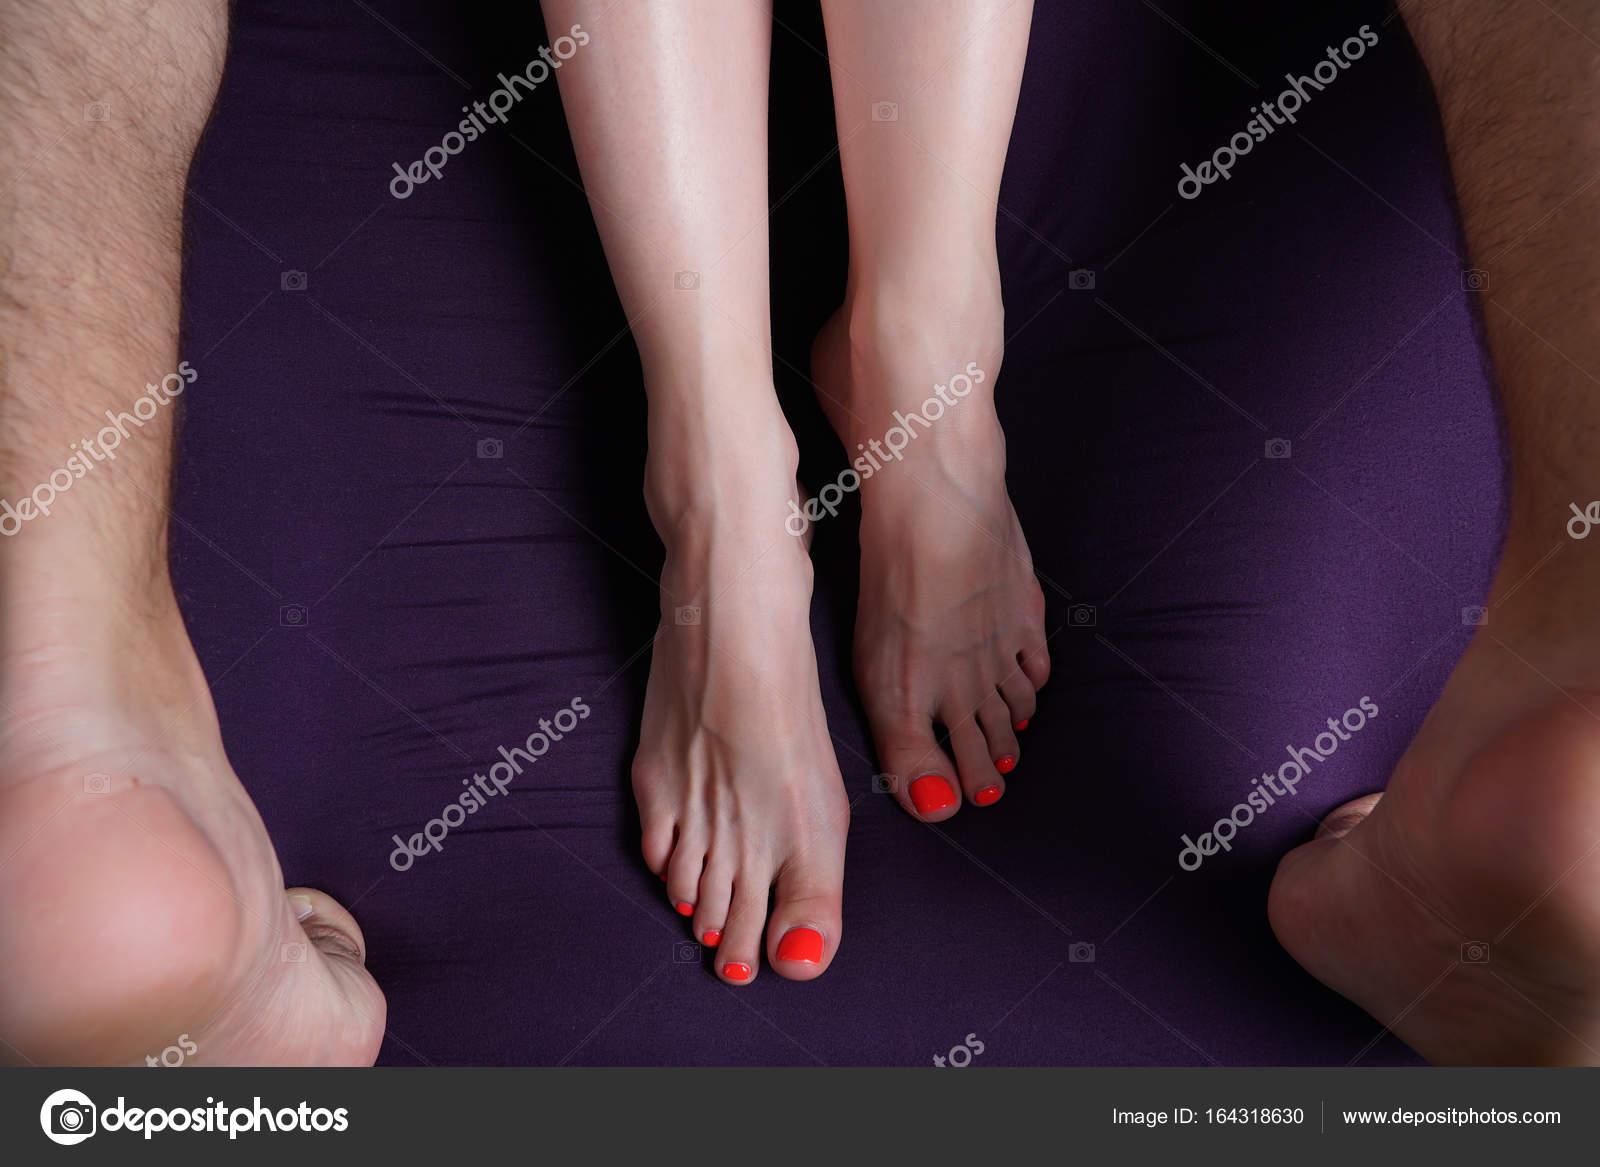 Красотку с длинными ногами крепко трахают, фотоальбомы подсмотренные ножки девушек в транспорте